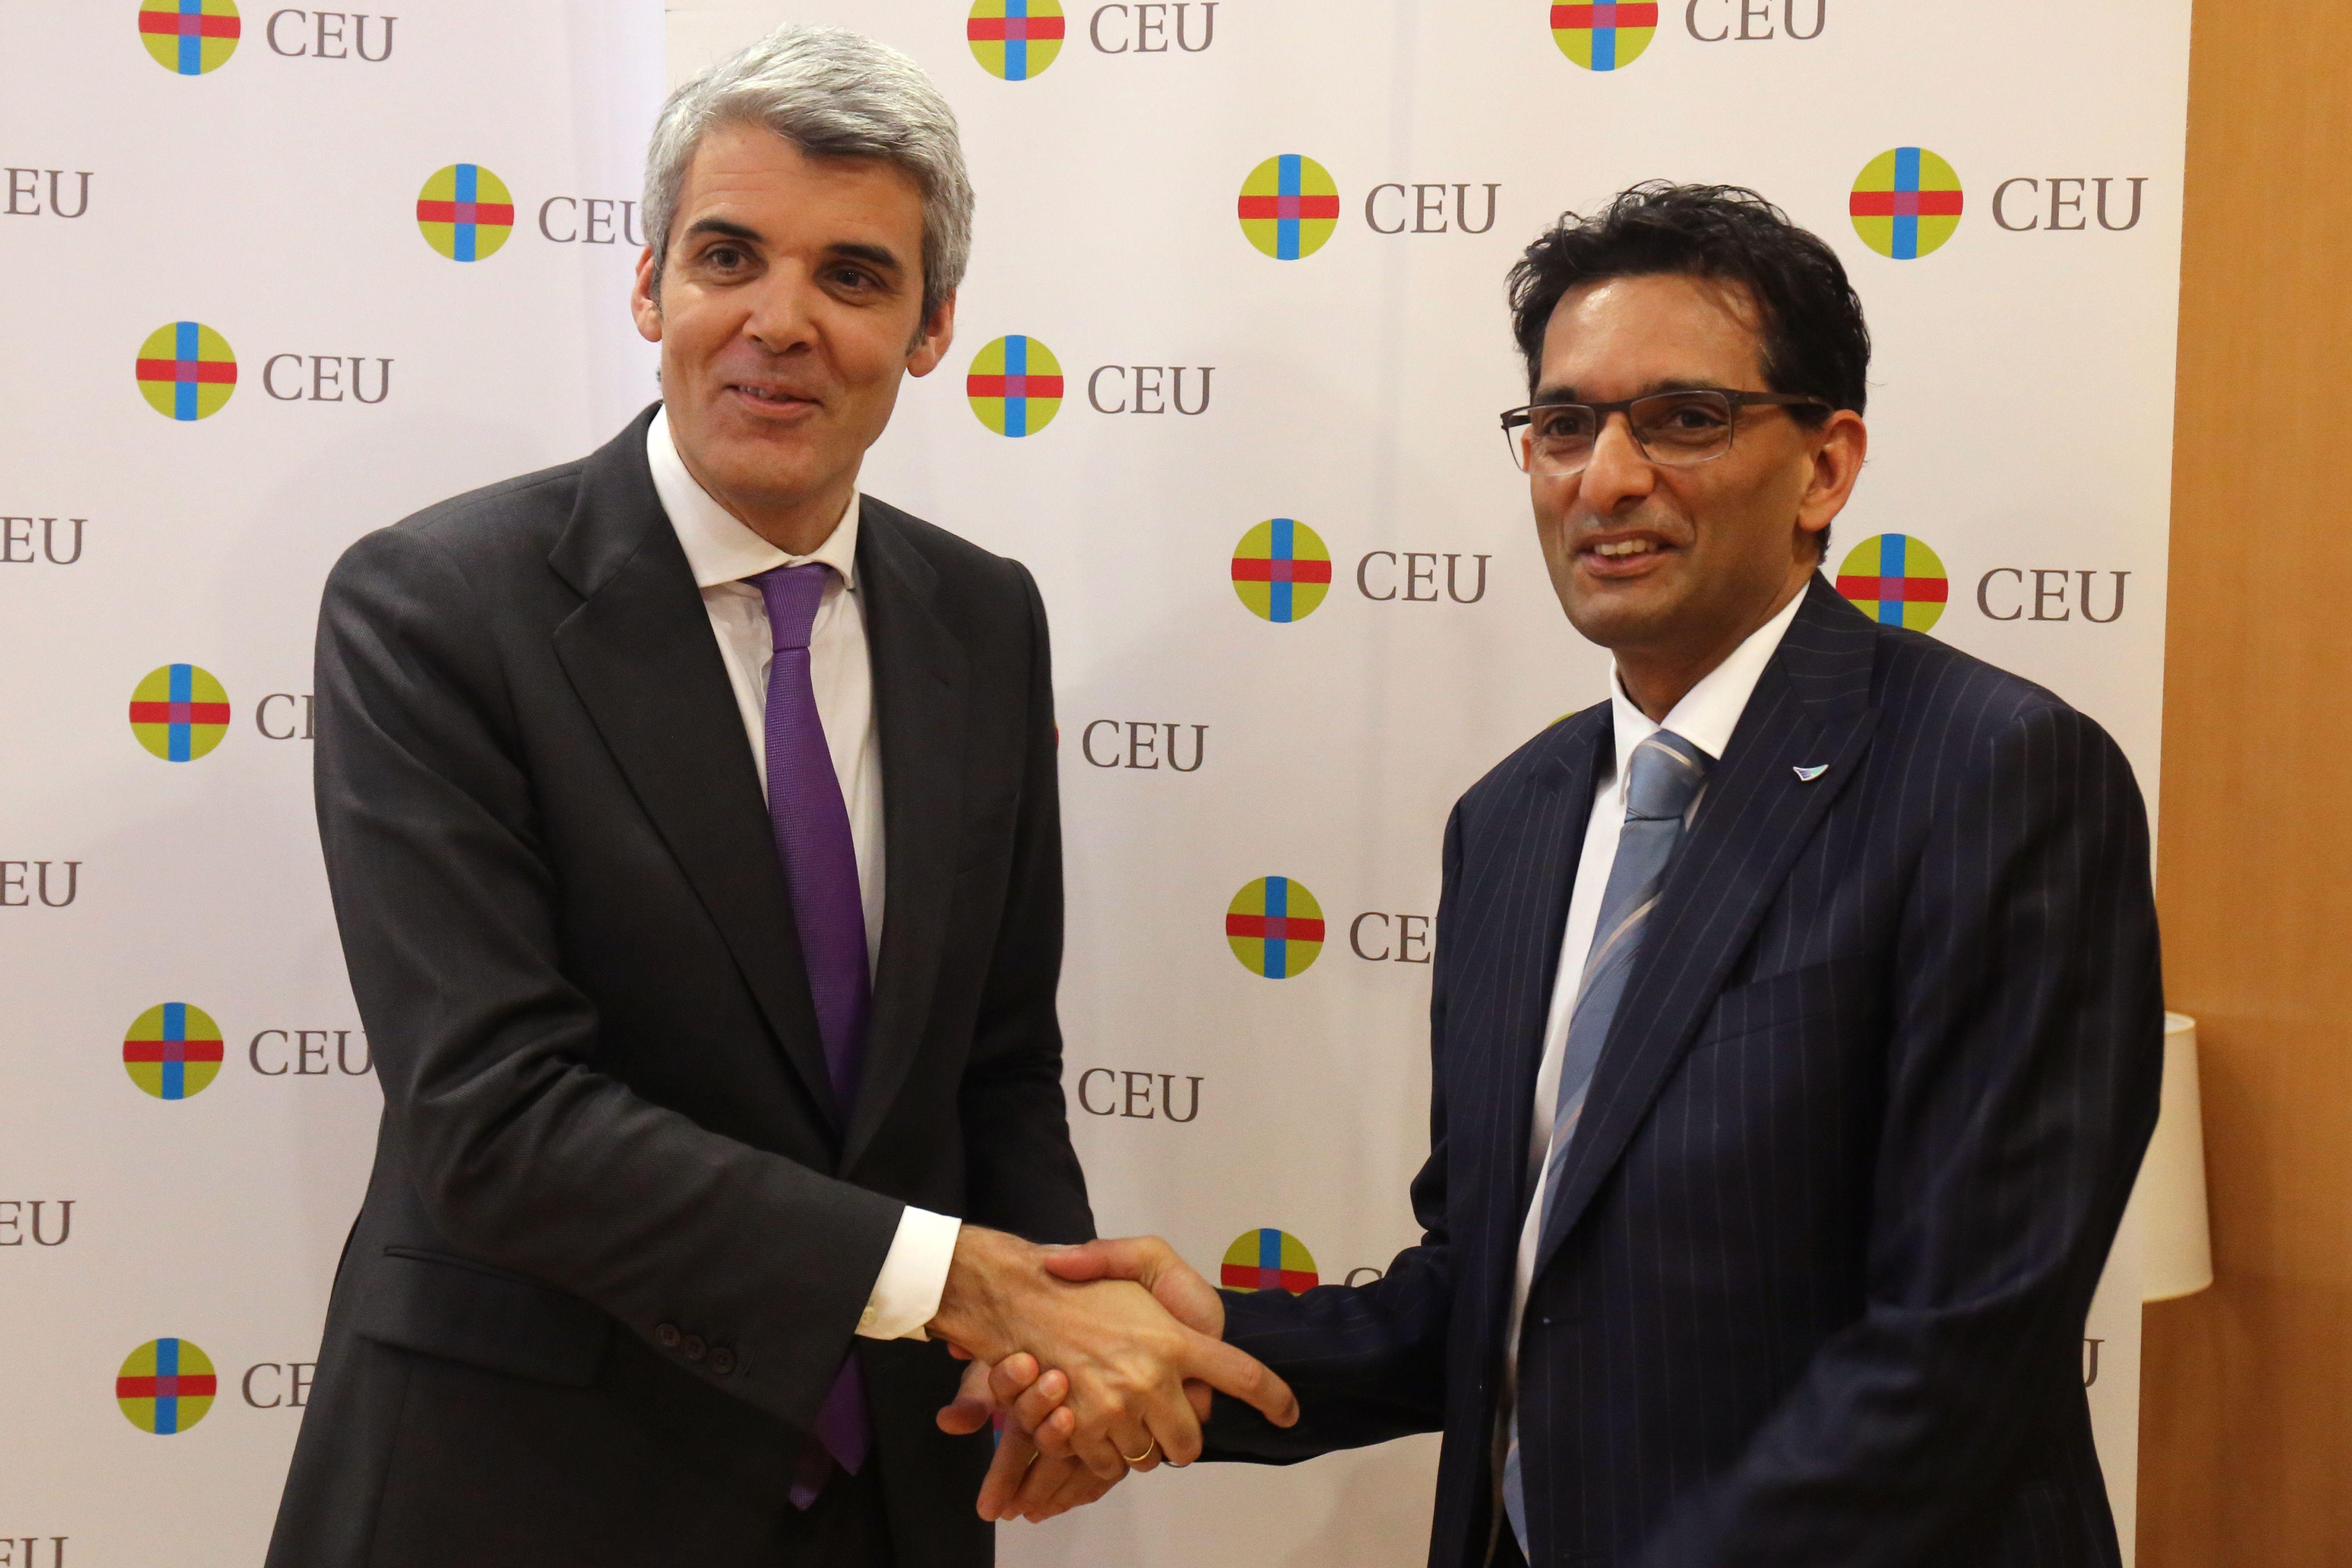 de izquierda a derecha, el director general de la Fundación Universitaria San Pablo CEU, José Luis Guillén, y el EMEA Markets Director of CCL, Hamish Madan